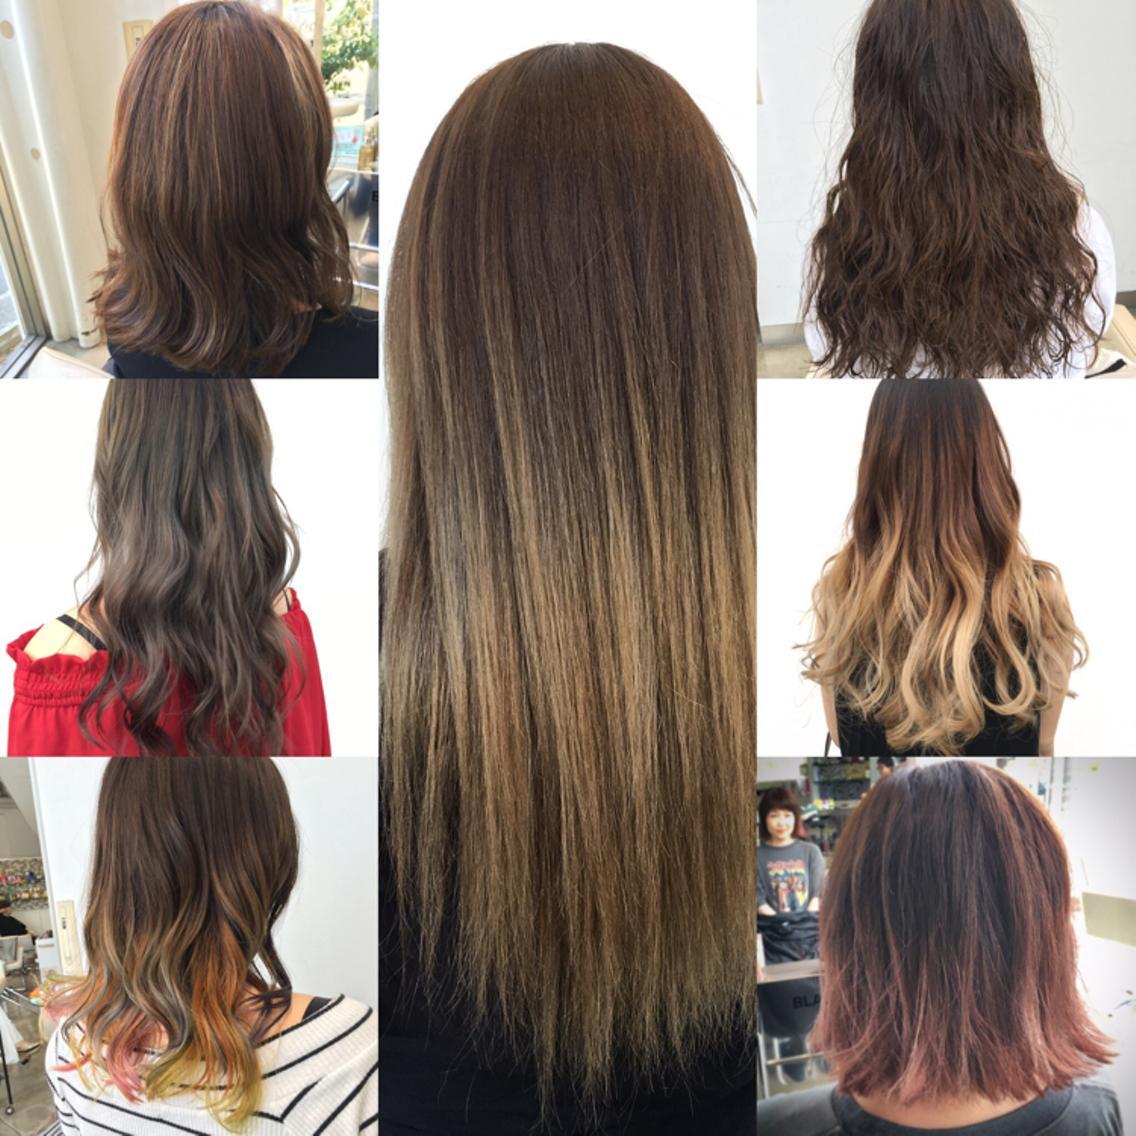 ミニモ特別料金!新規の方30%off☆ナチュラルから外国人風、派手髪までやりたいイメージの再現度とお家での再現性にこだわっています!